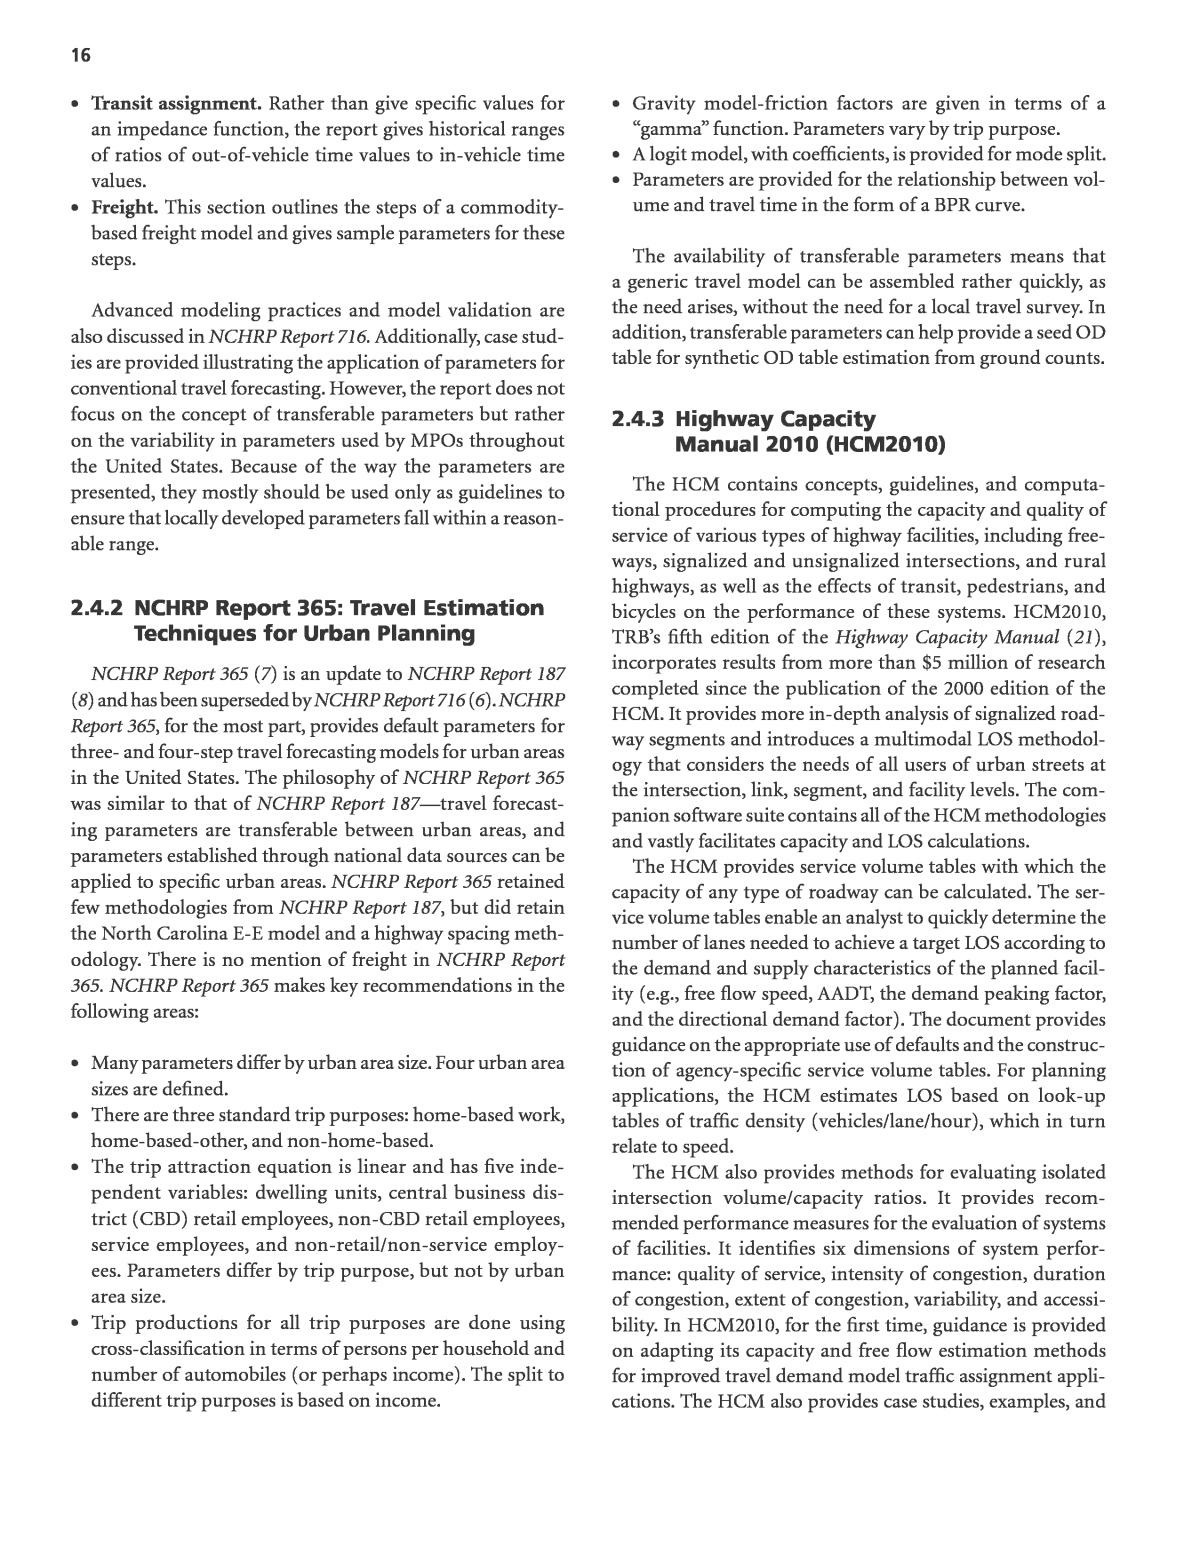 Survey Cover Letter Template - Cover Letter for Survey Questionnaire 19 Business Plan Questionnaire